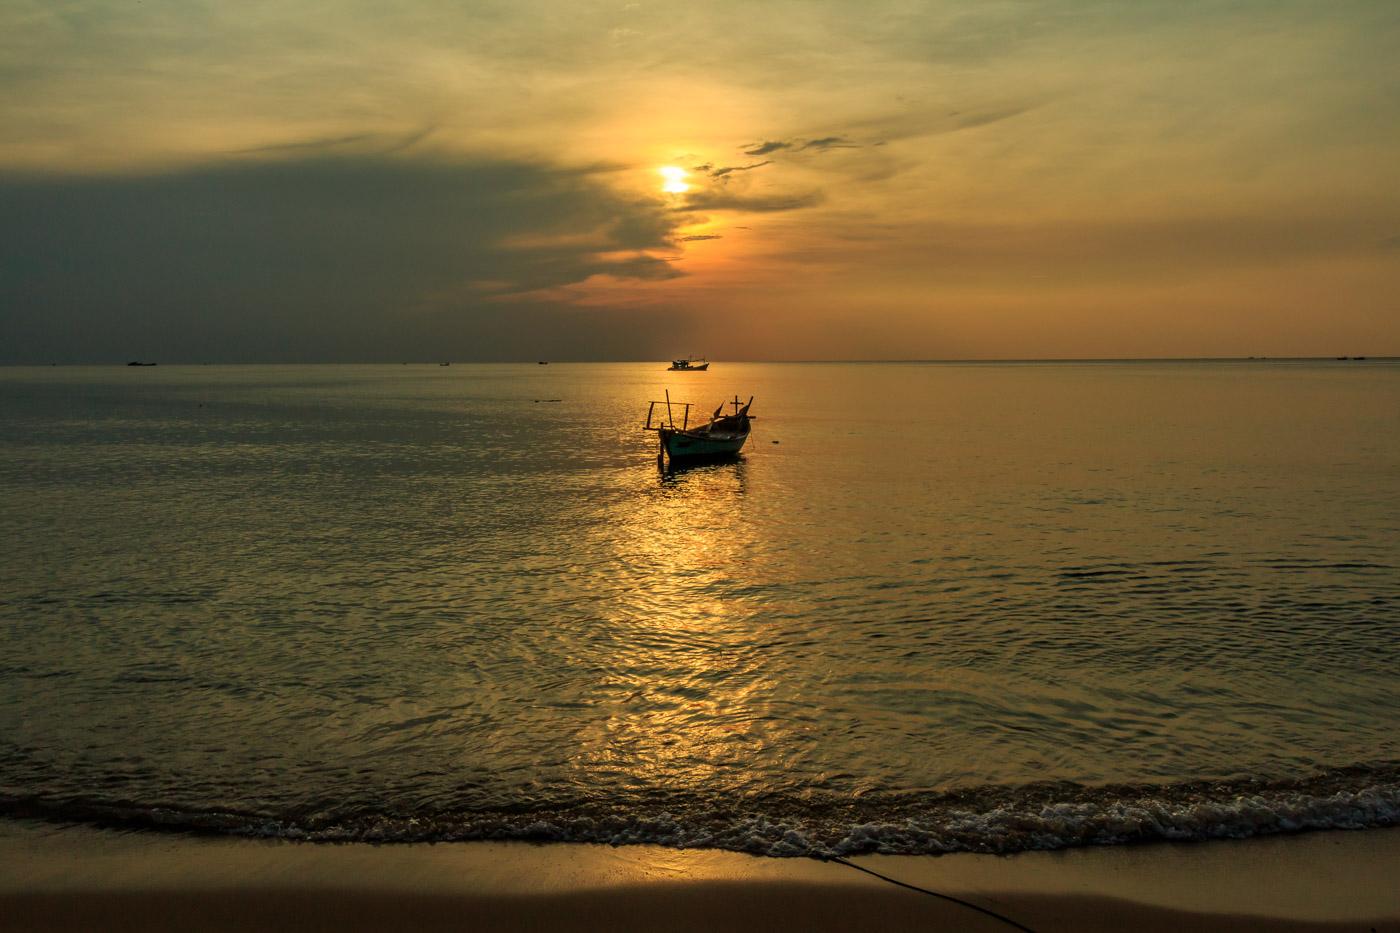 The sun goes down on the beach.